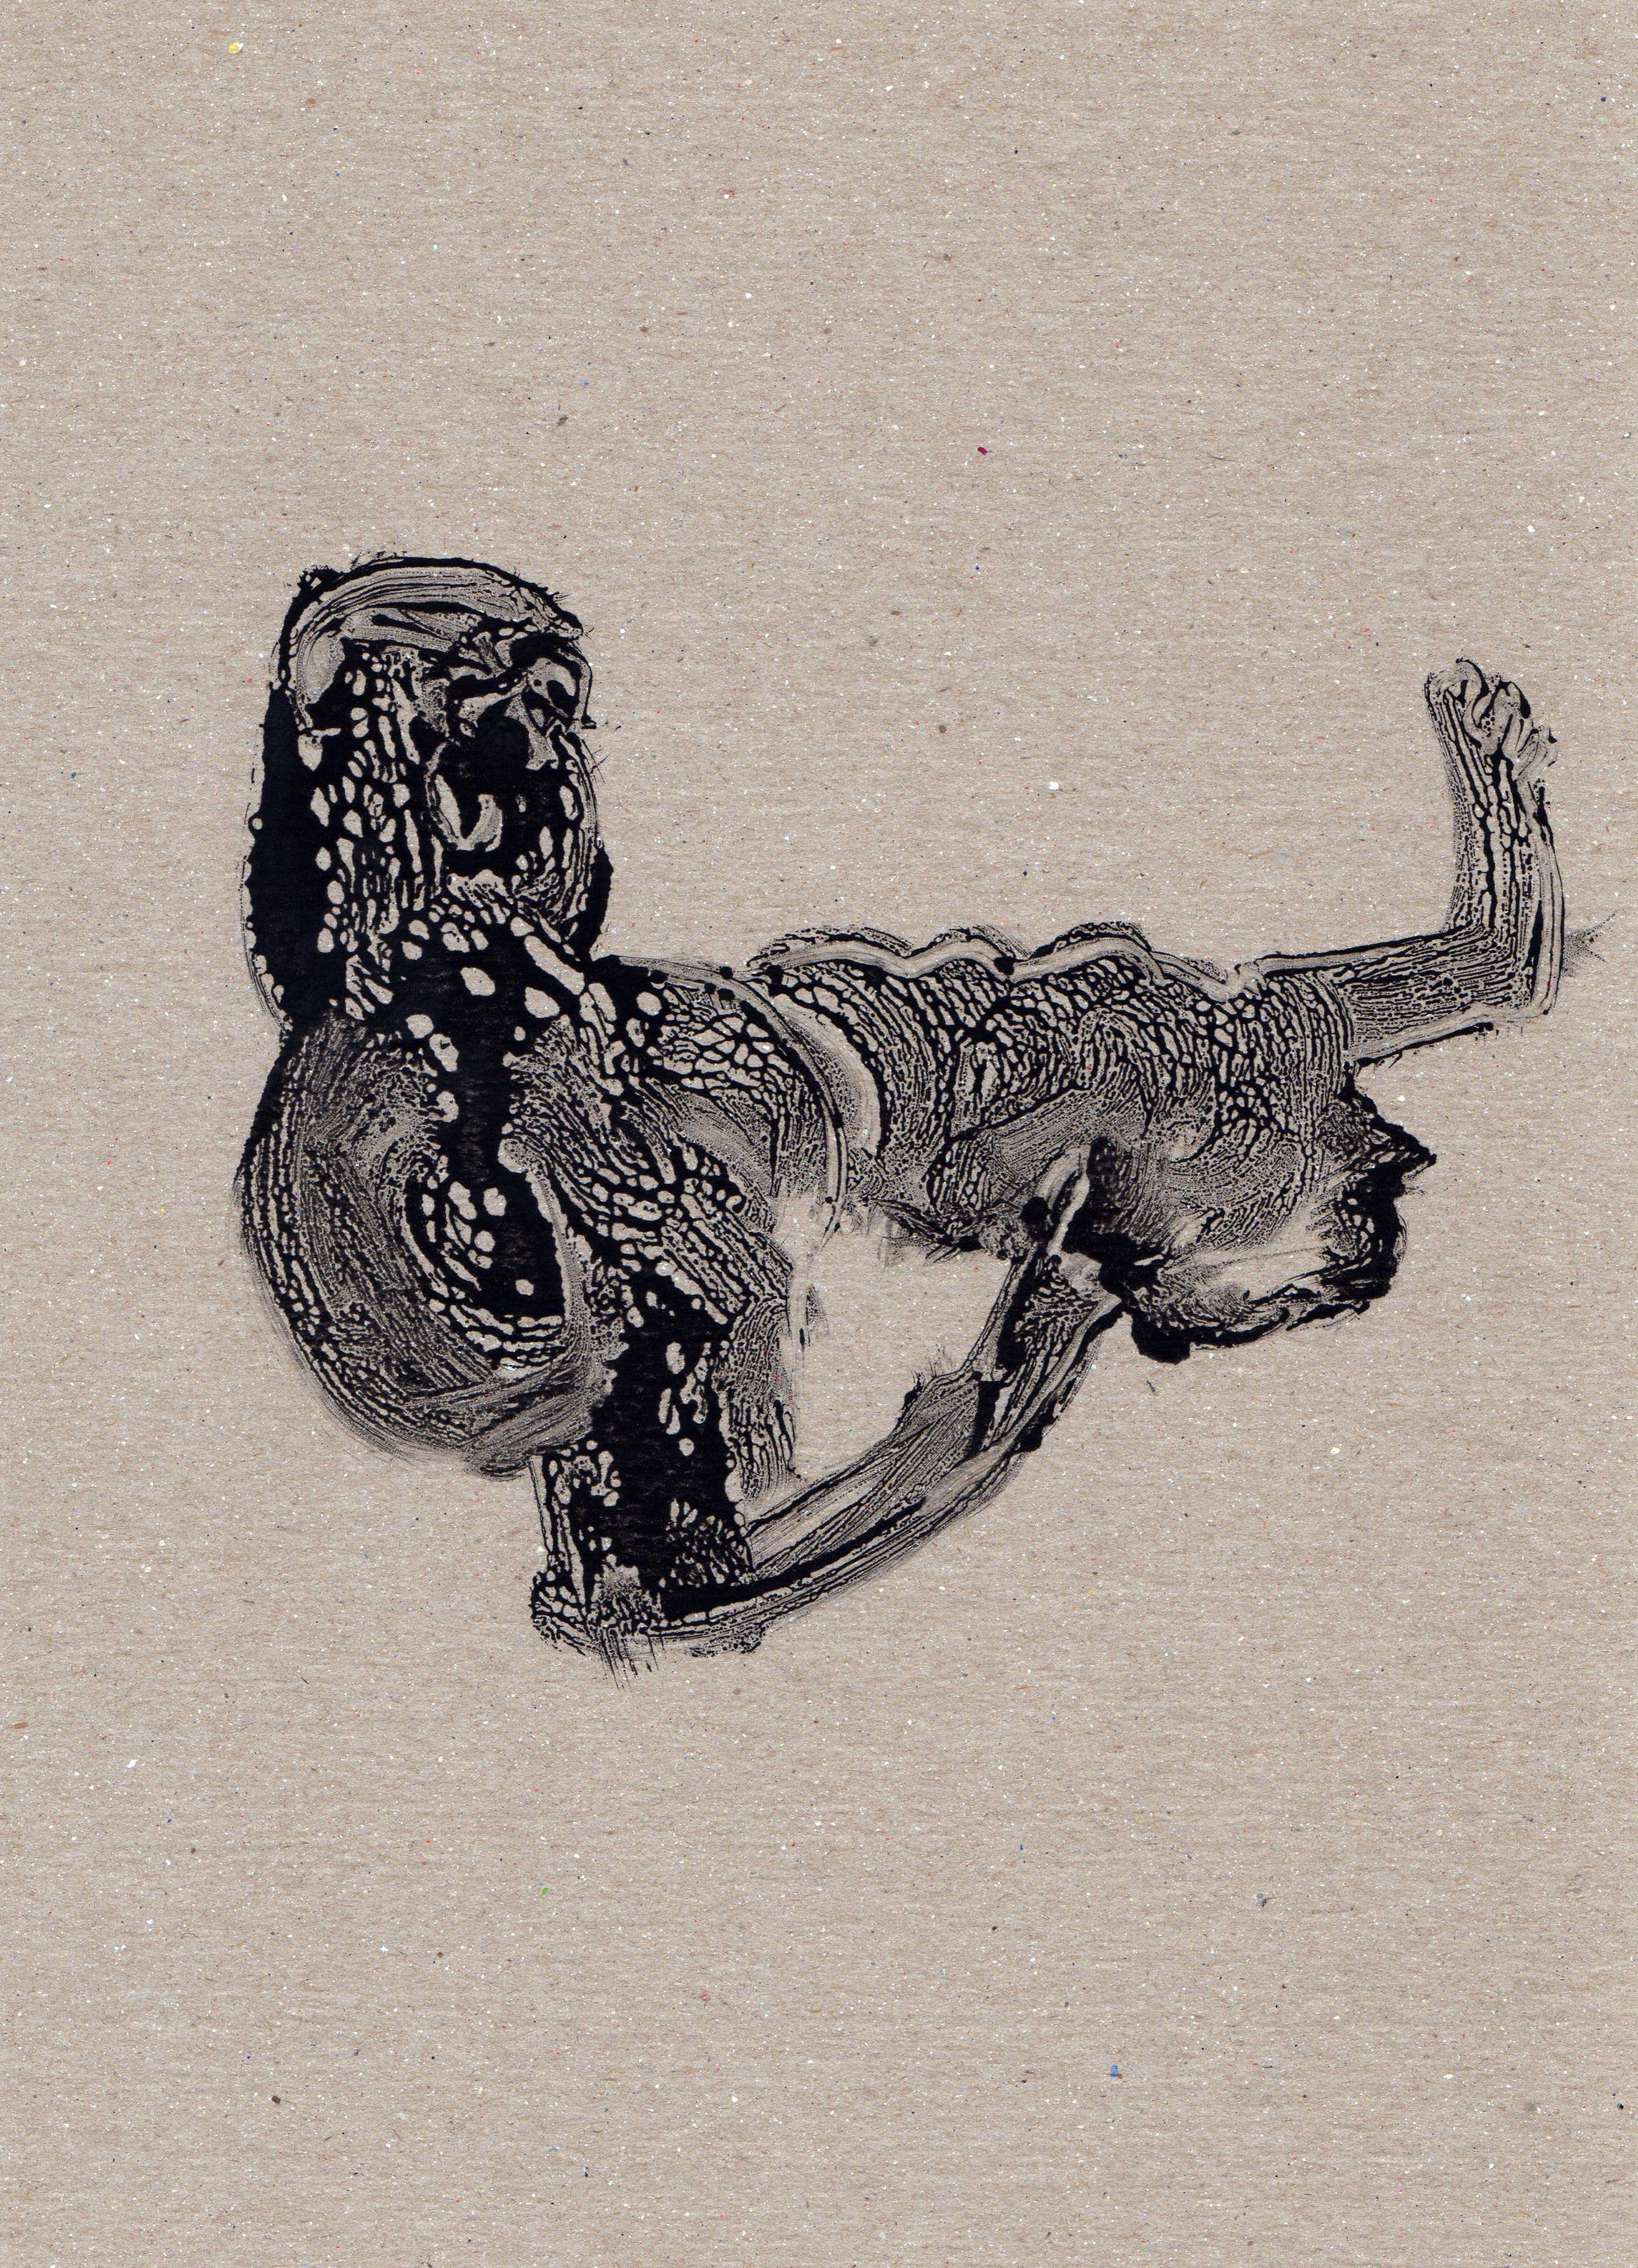 Untitled Rethinking, 2014, gelatin monotype, 11x8 inches